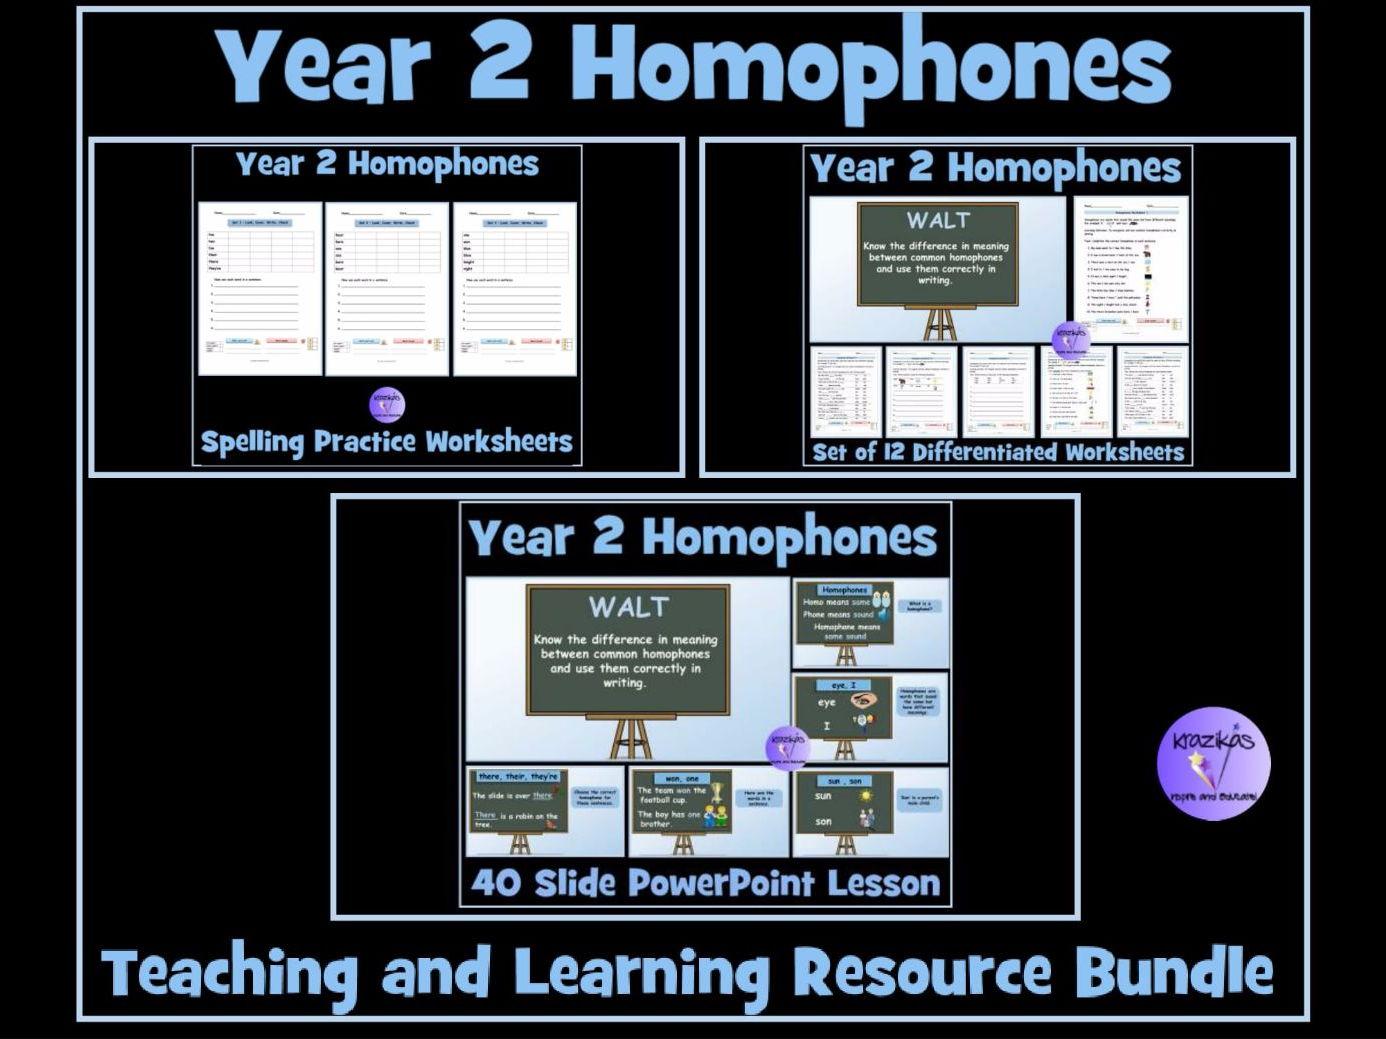 Homophones Year 2 By Krazikas